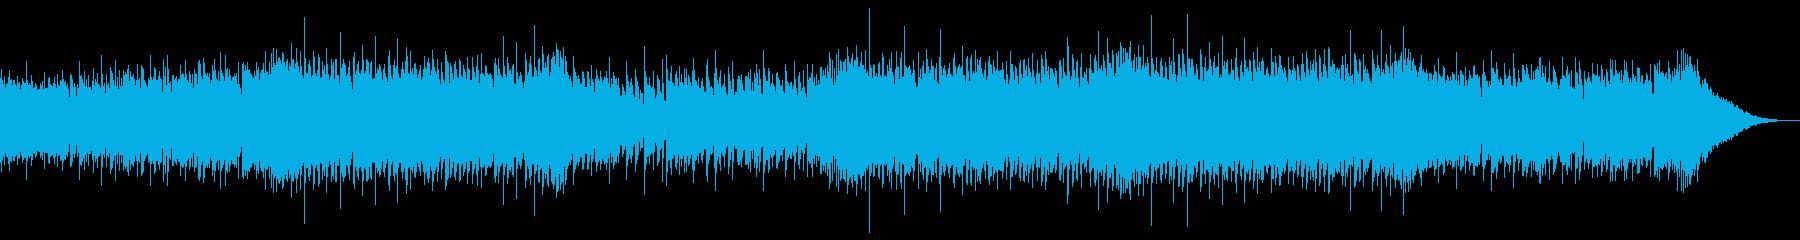 爽やかな夏のYoutube映像用ボサノバの再生済みの波形